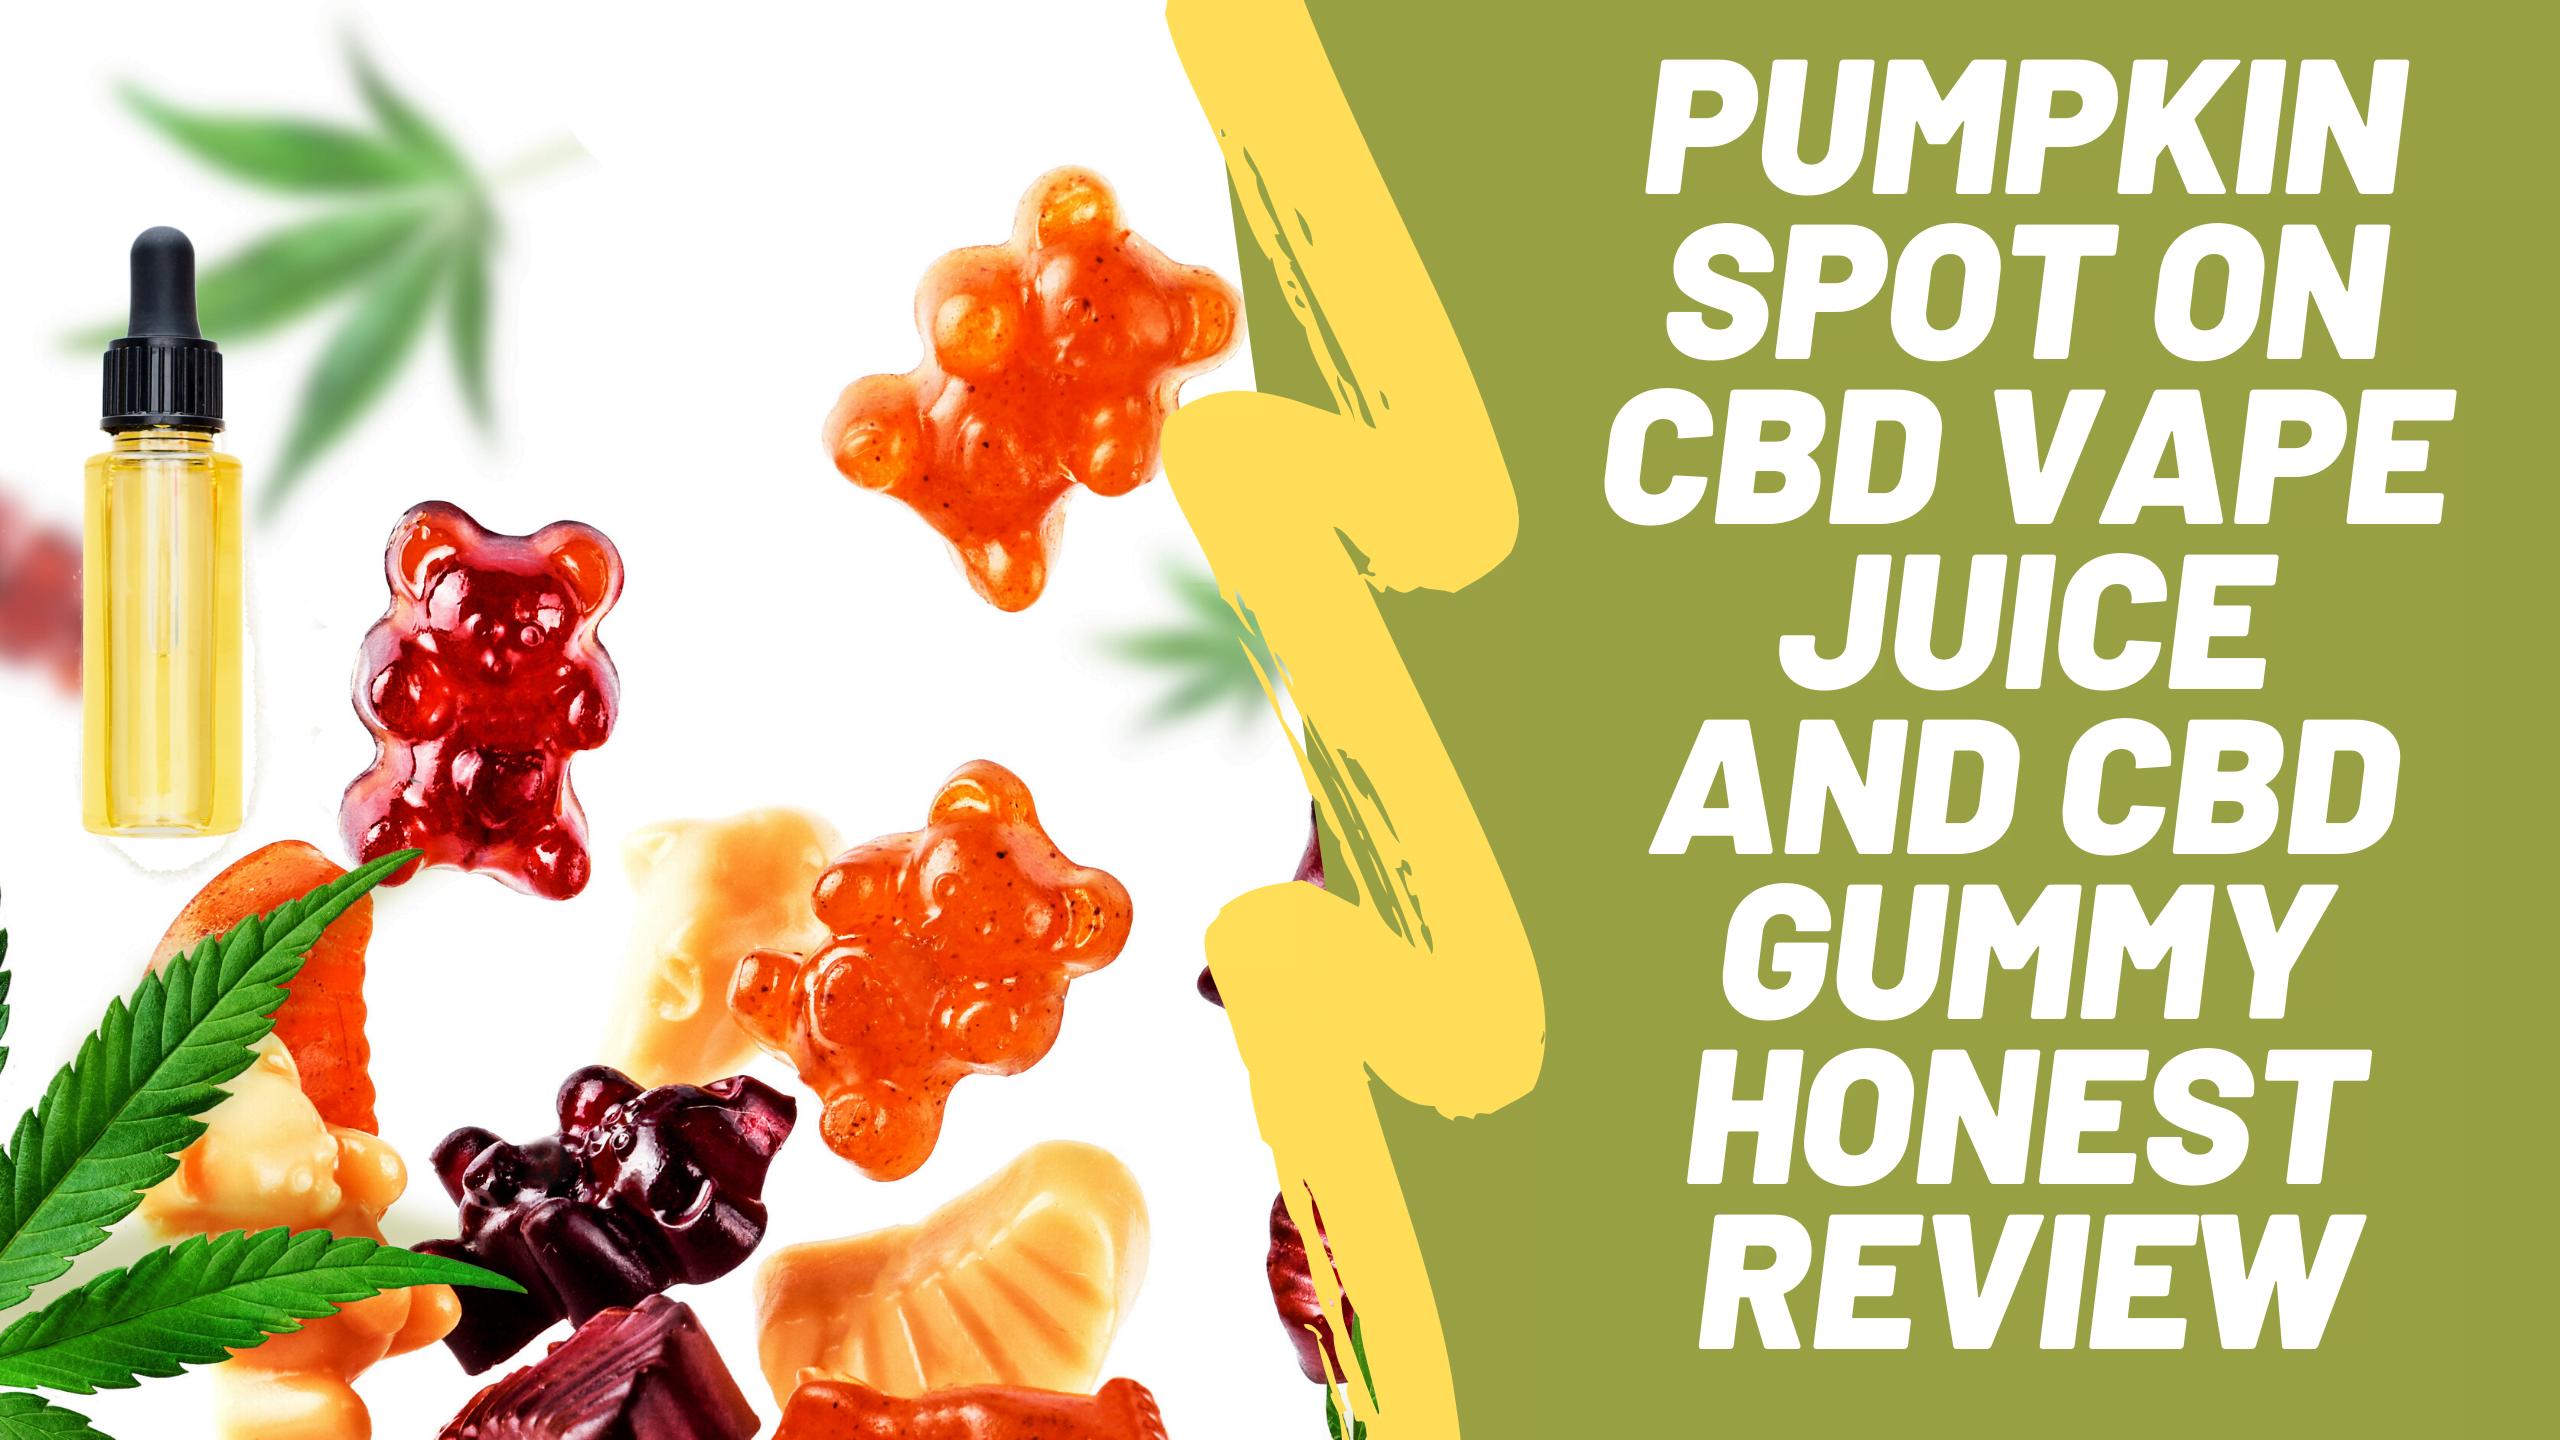 Pumpkin Spot On CBD Vape Juice and CBD Gummy Honest Review